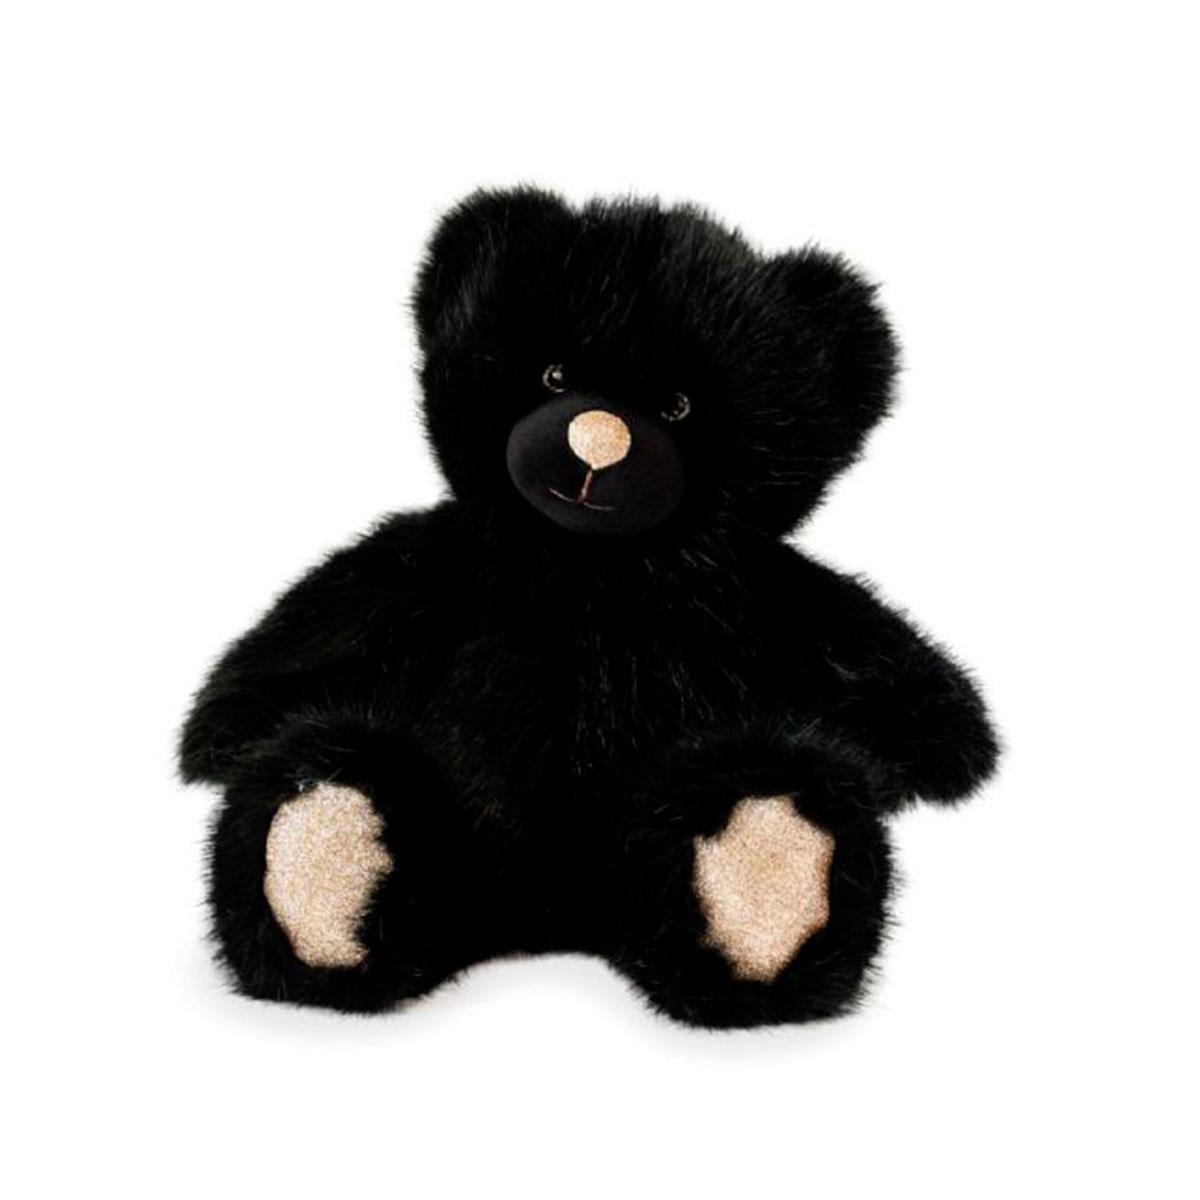 Мягкая игрушка Doudou – Медвежонок черный (40 cm)